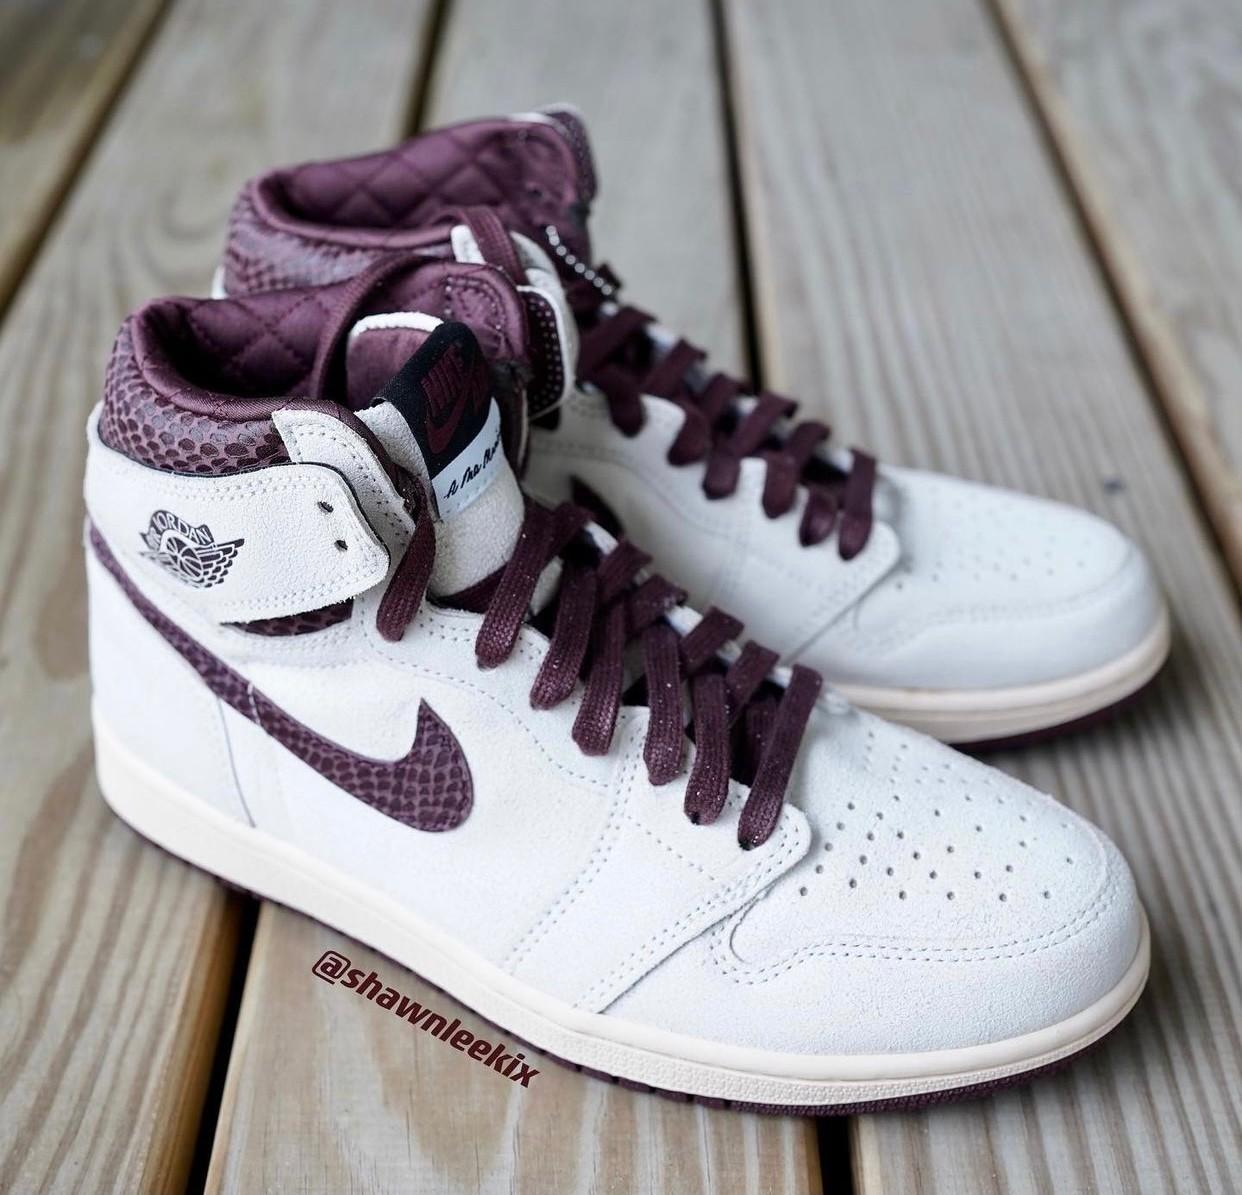 A Ma Maniére,Air Jordan 1,AJ1,  上半年最佳联名又出更狠新鞋!全新 AJ1 质感绝了!